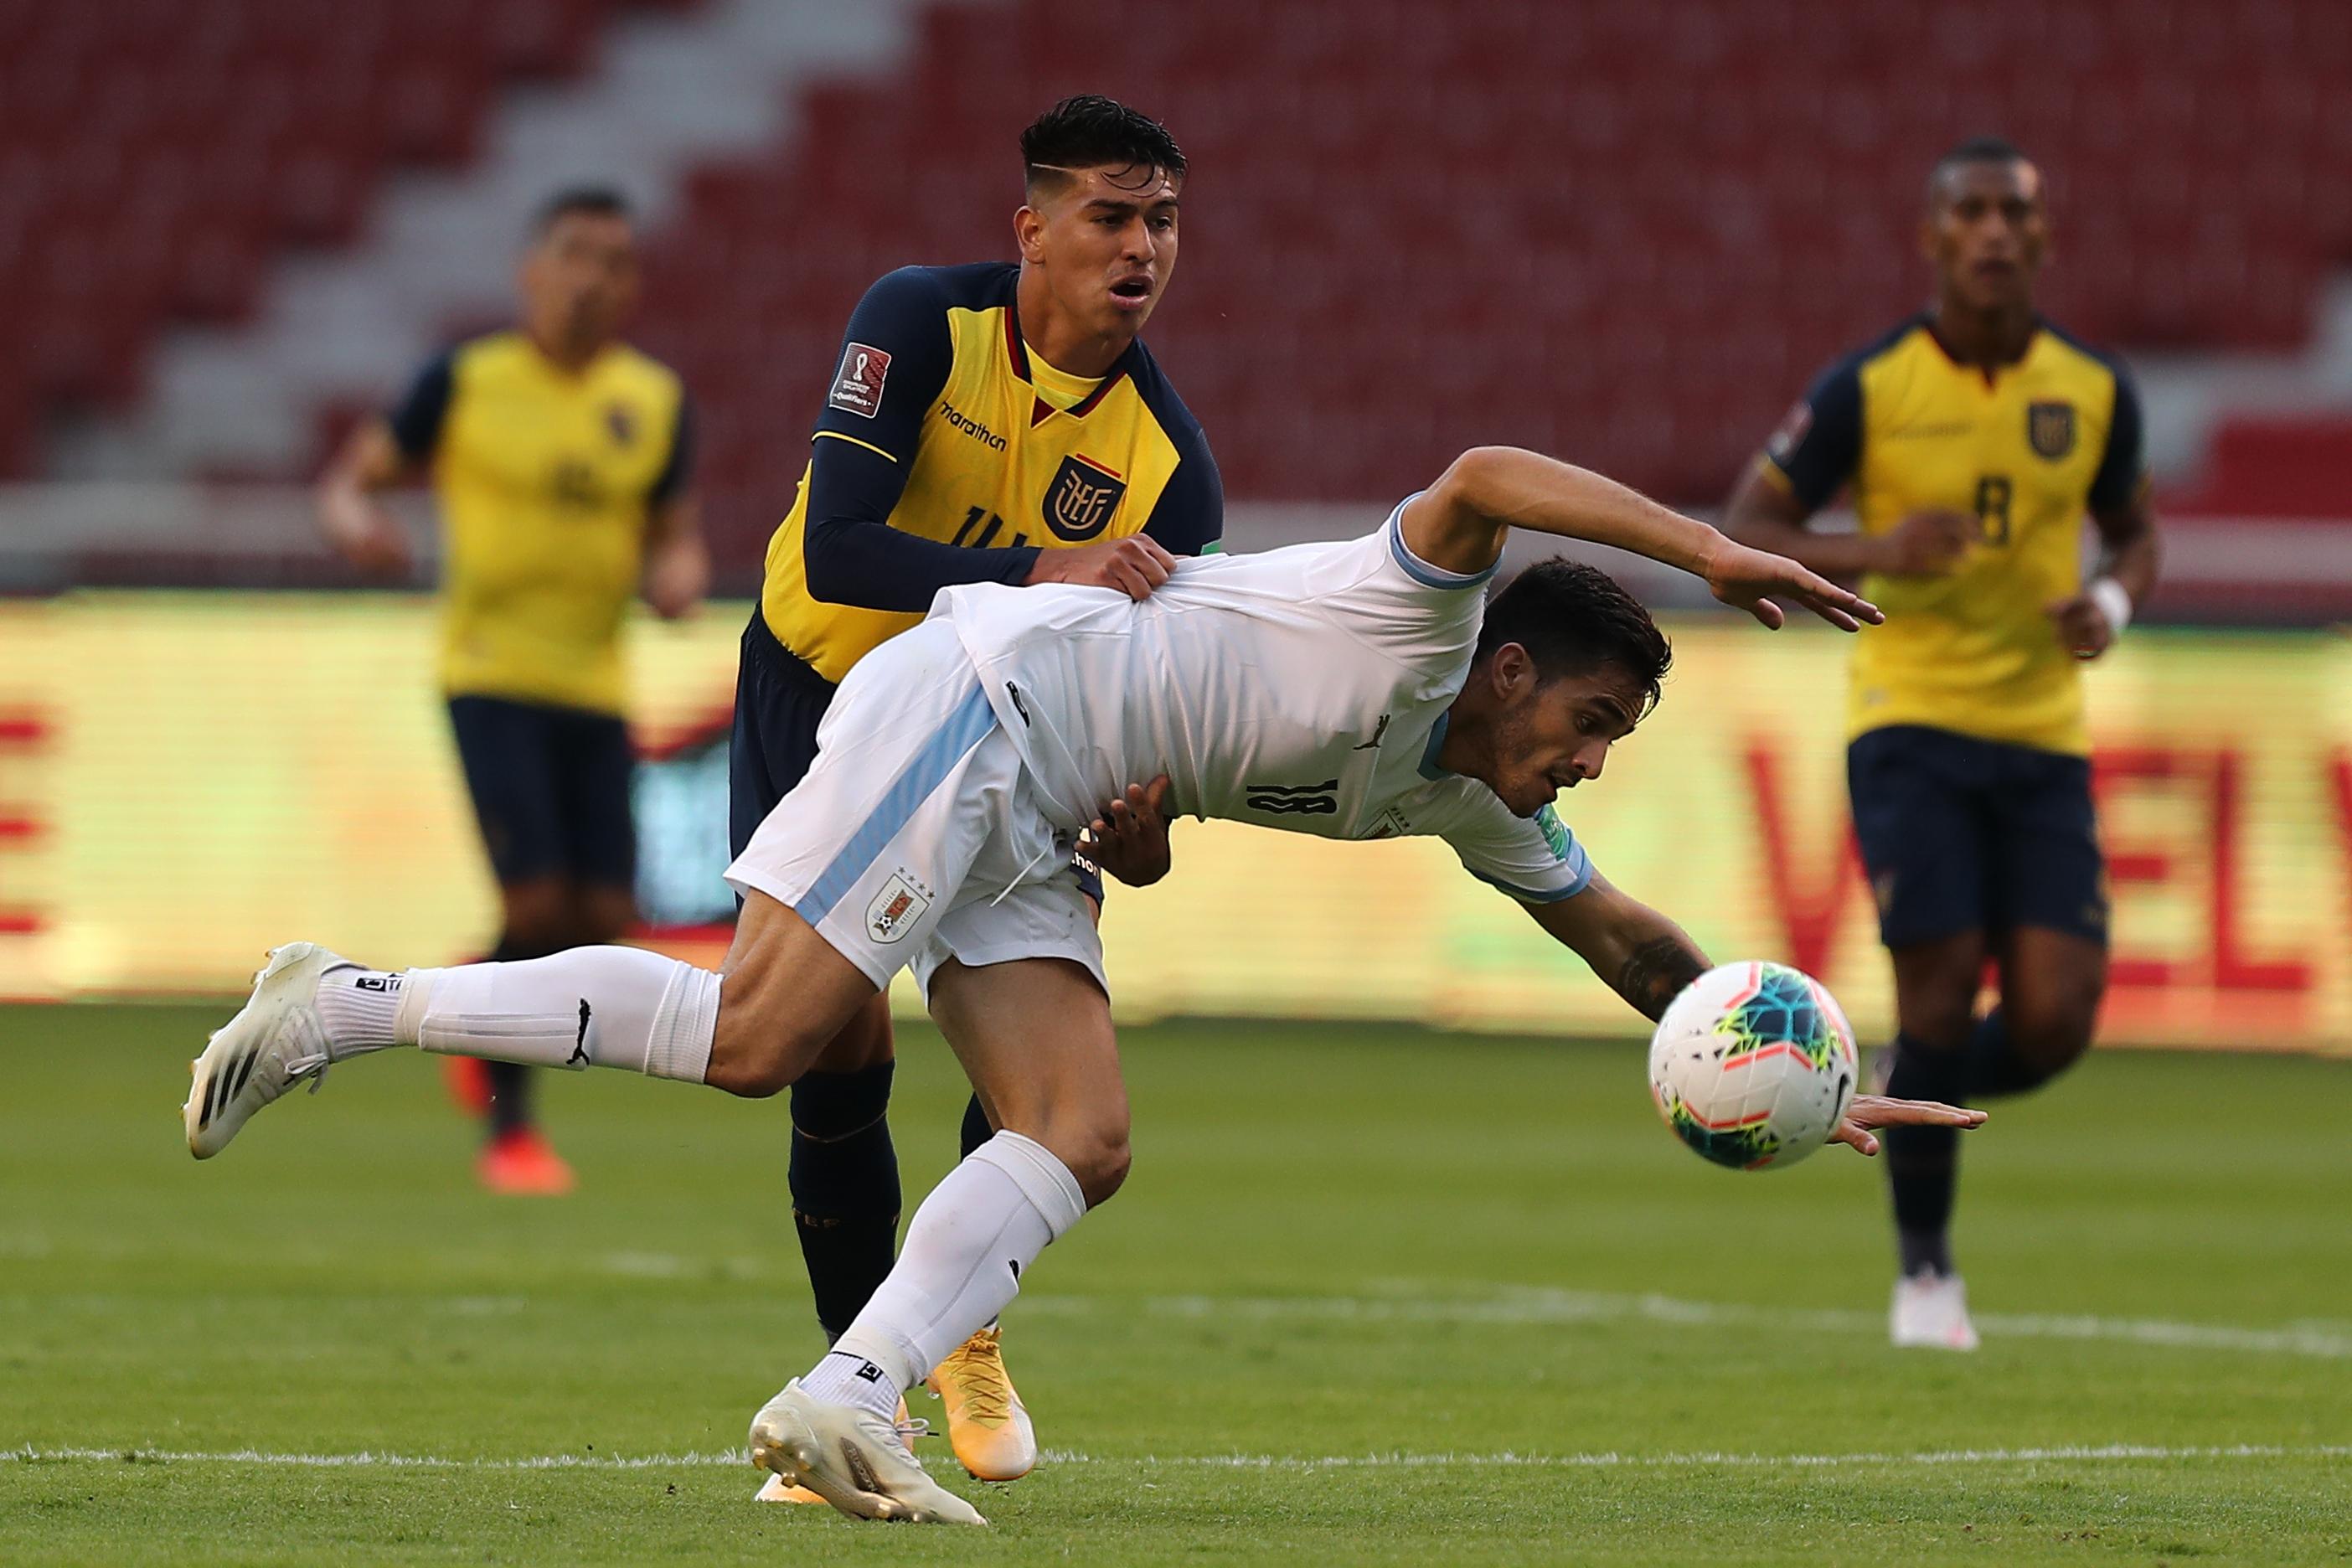 厄瓜多尔诉乌拉圭 - 南美南美的卡塔尔限定者2022